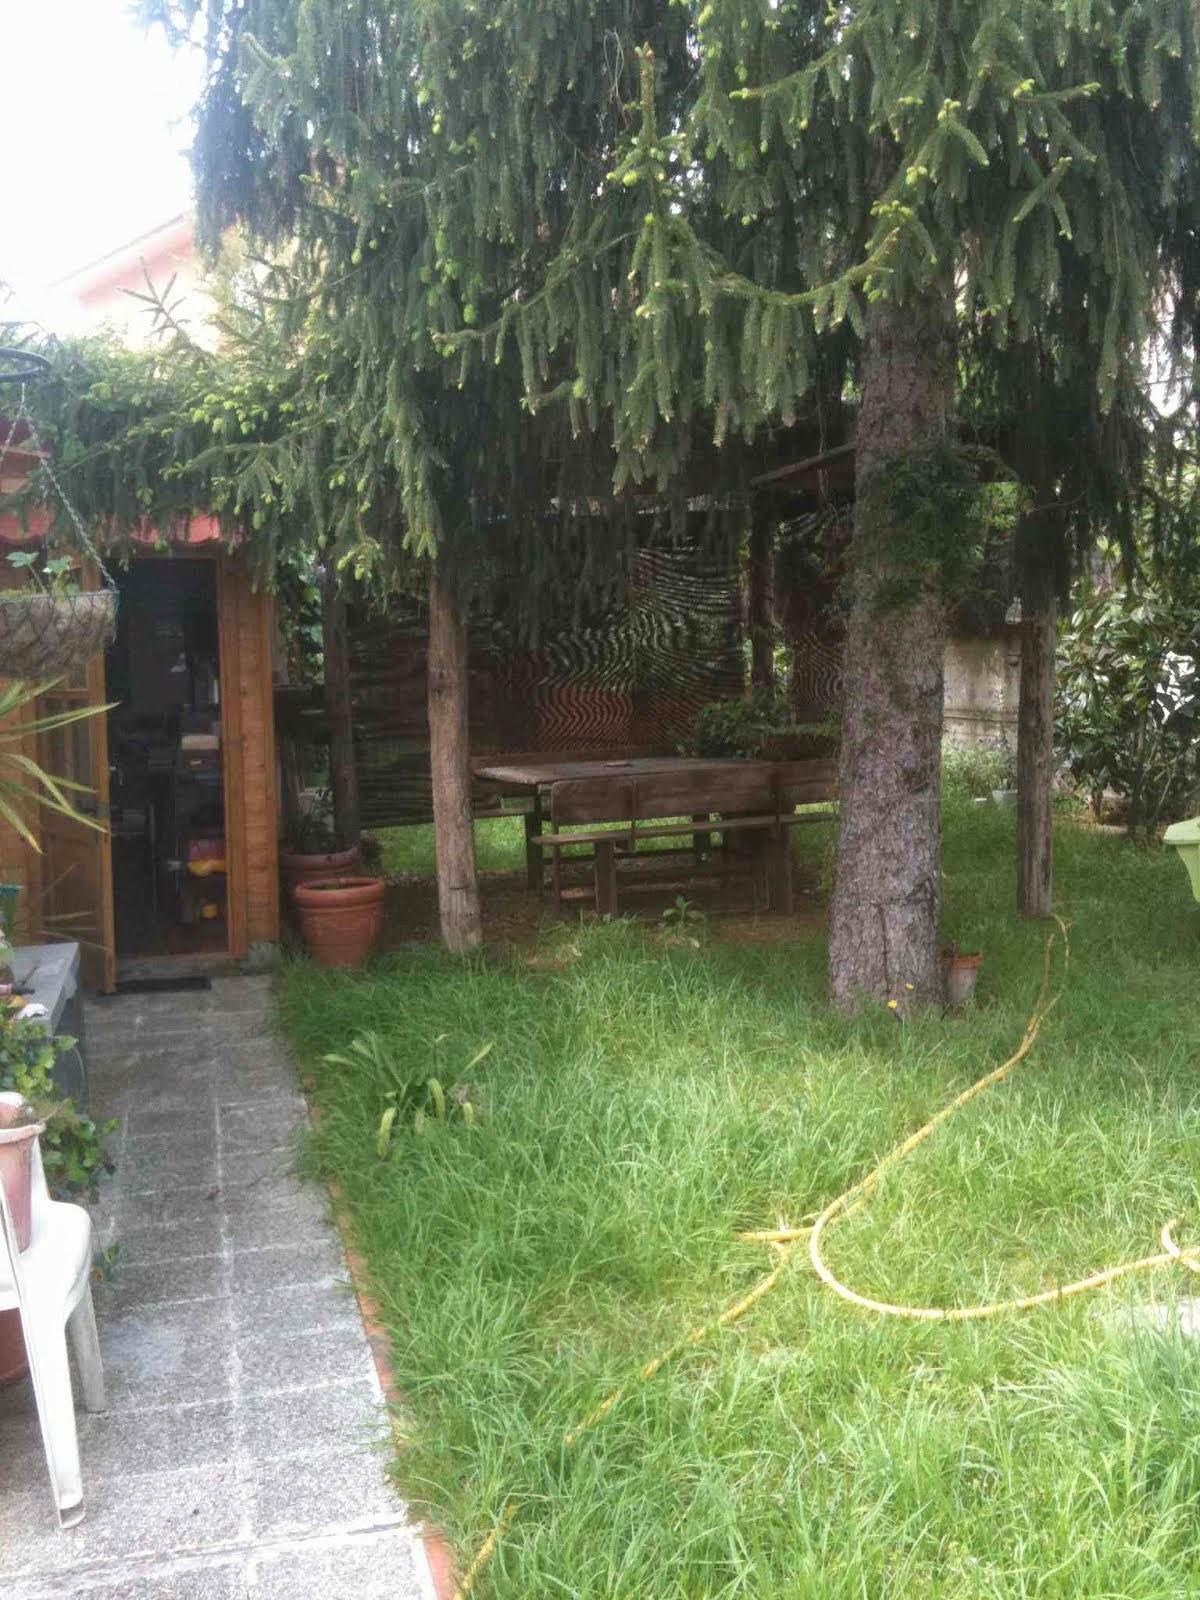 jardi entrant per l'estudi